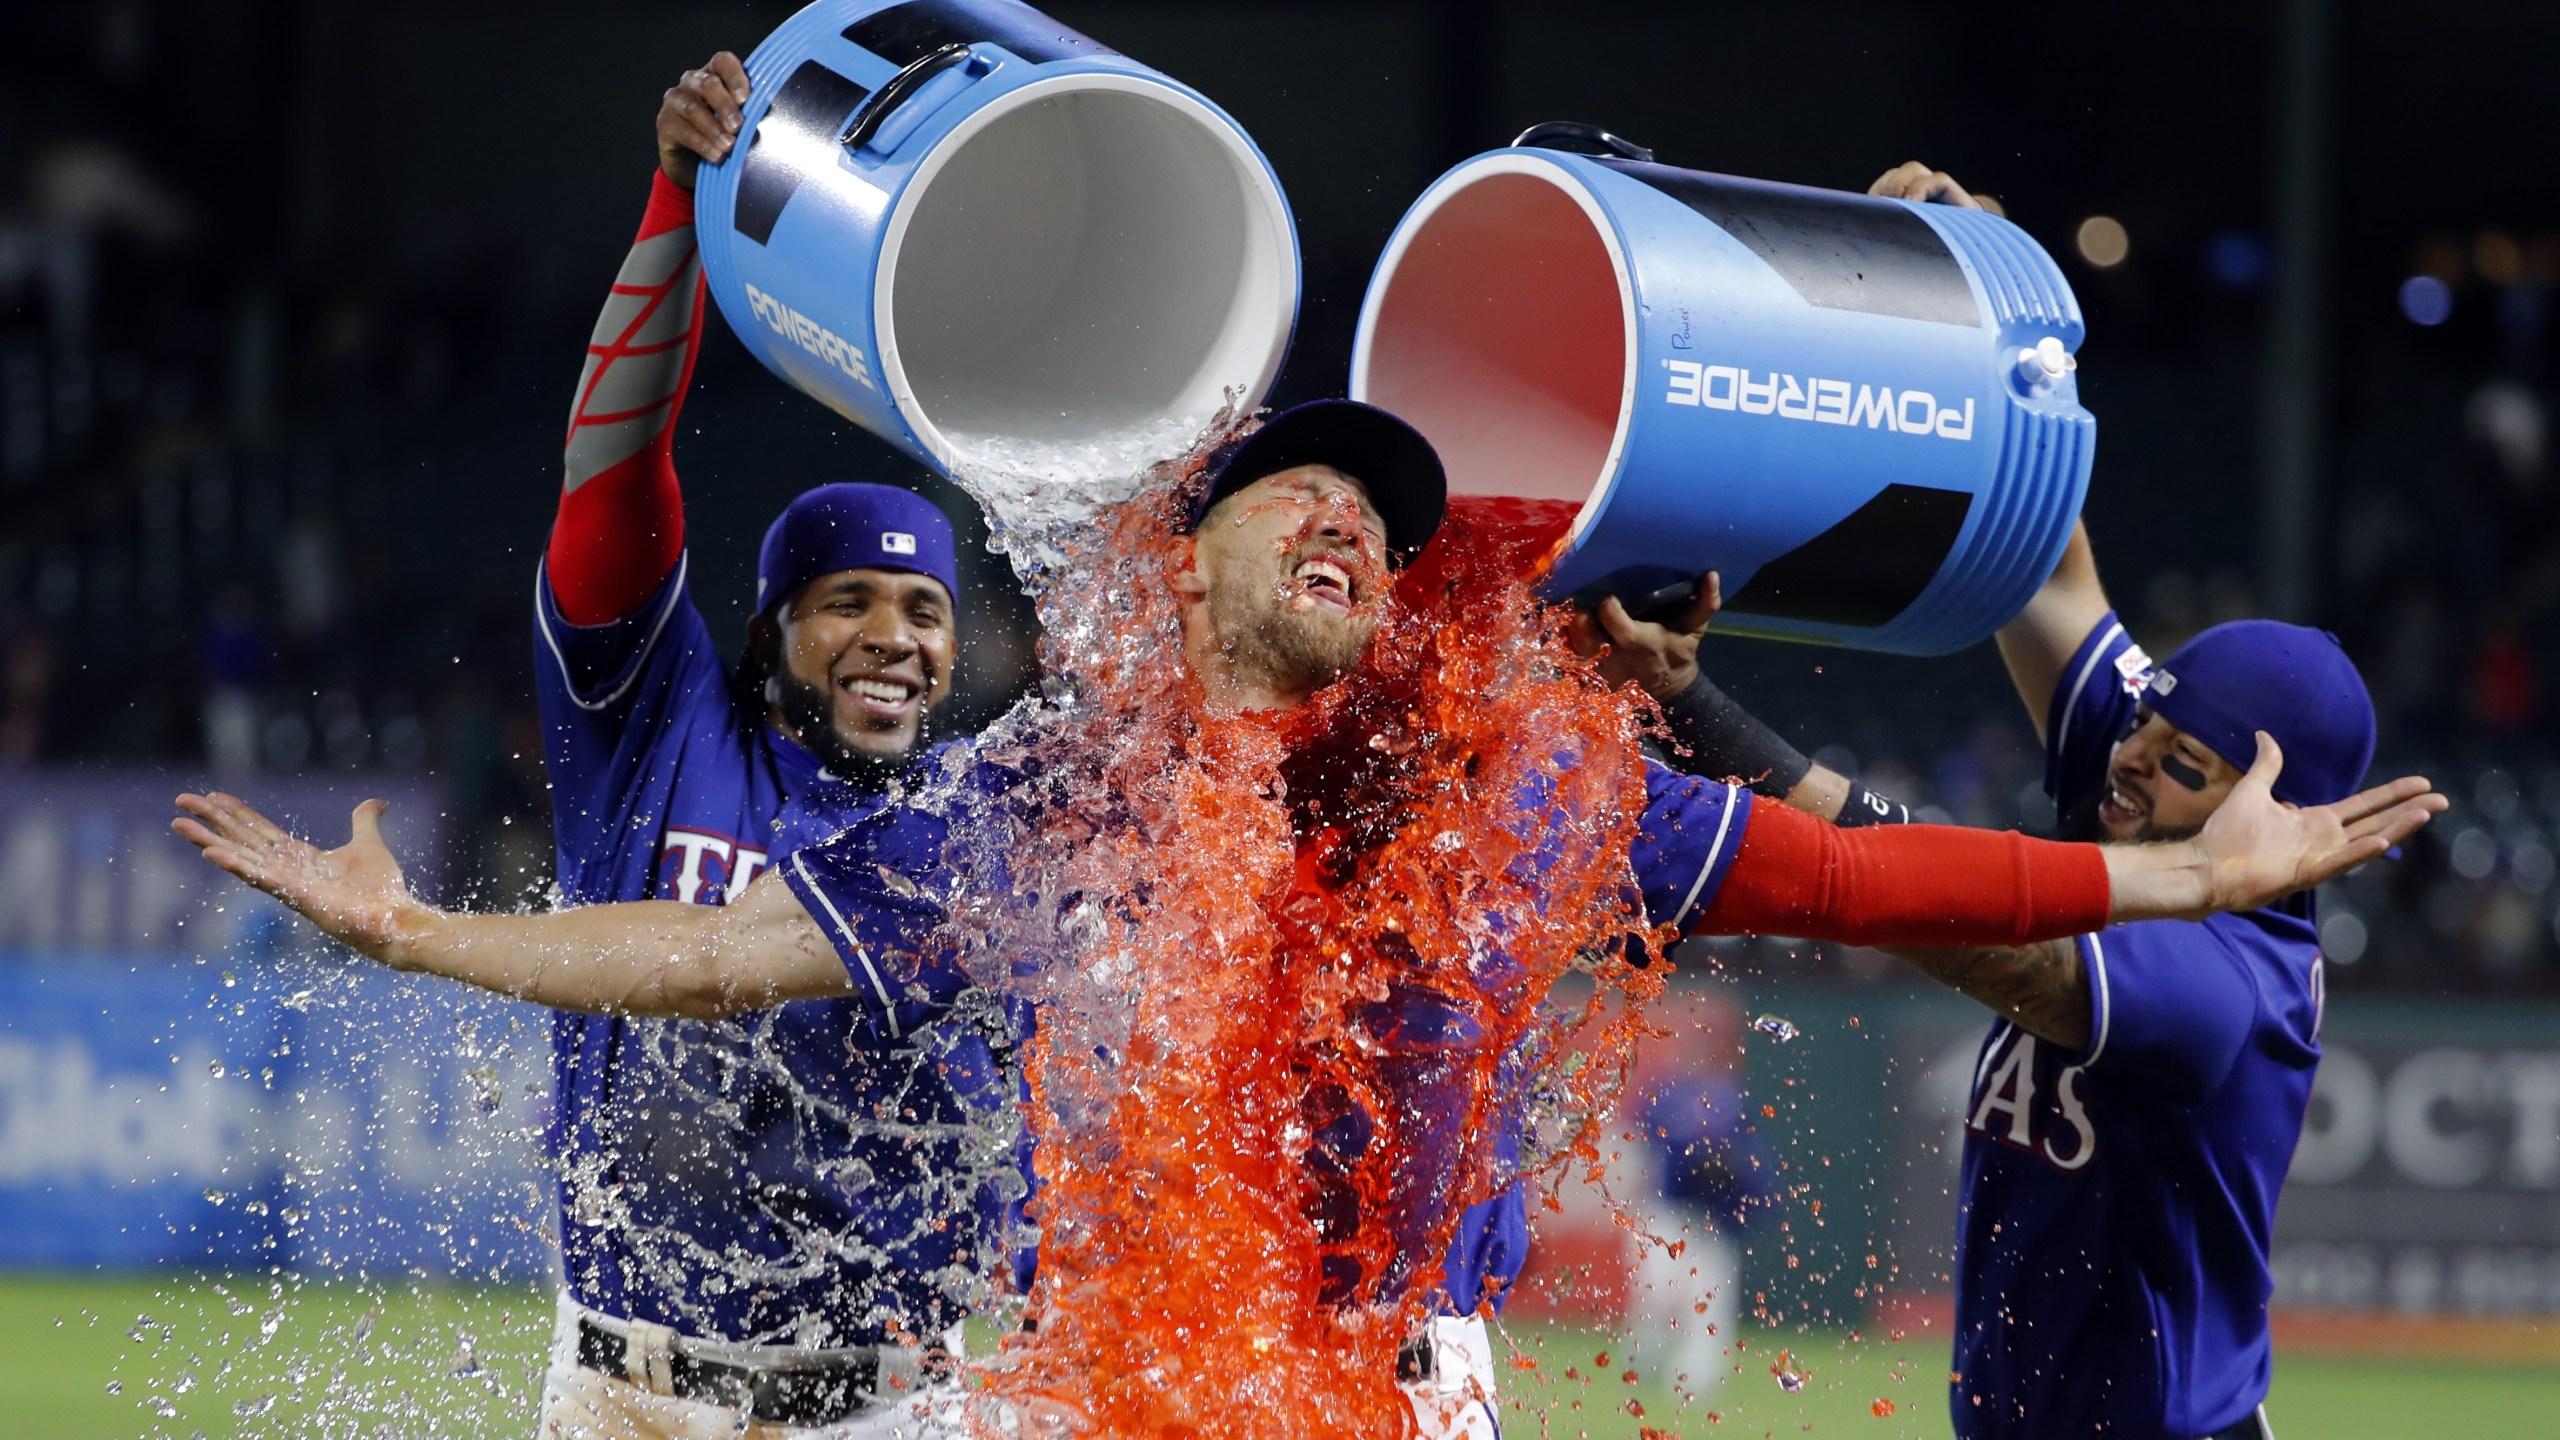 Rangers beat Astros 4-3-2019